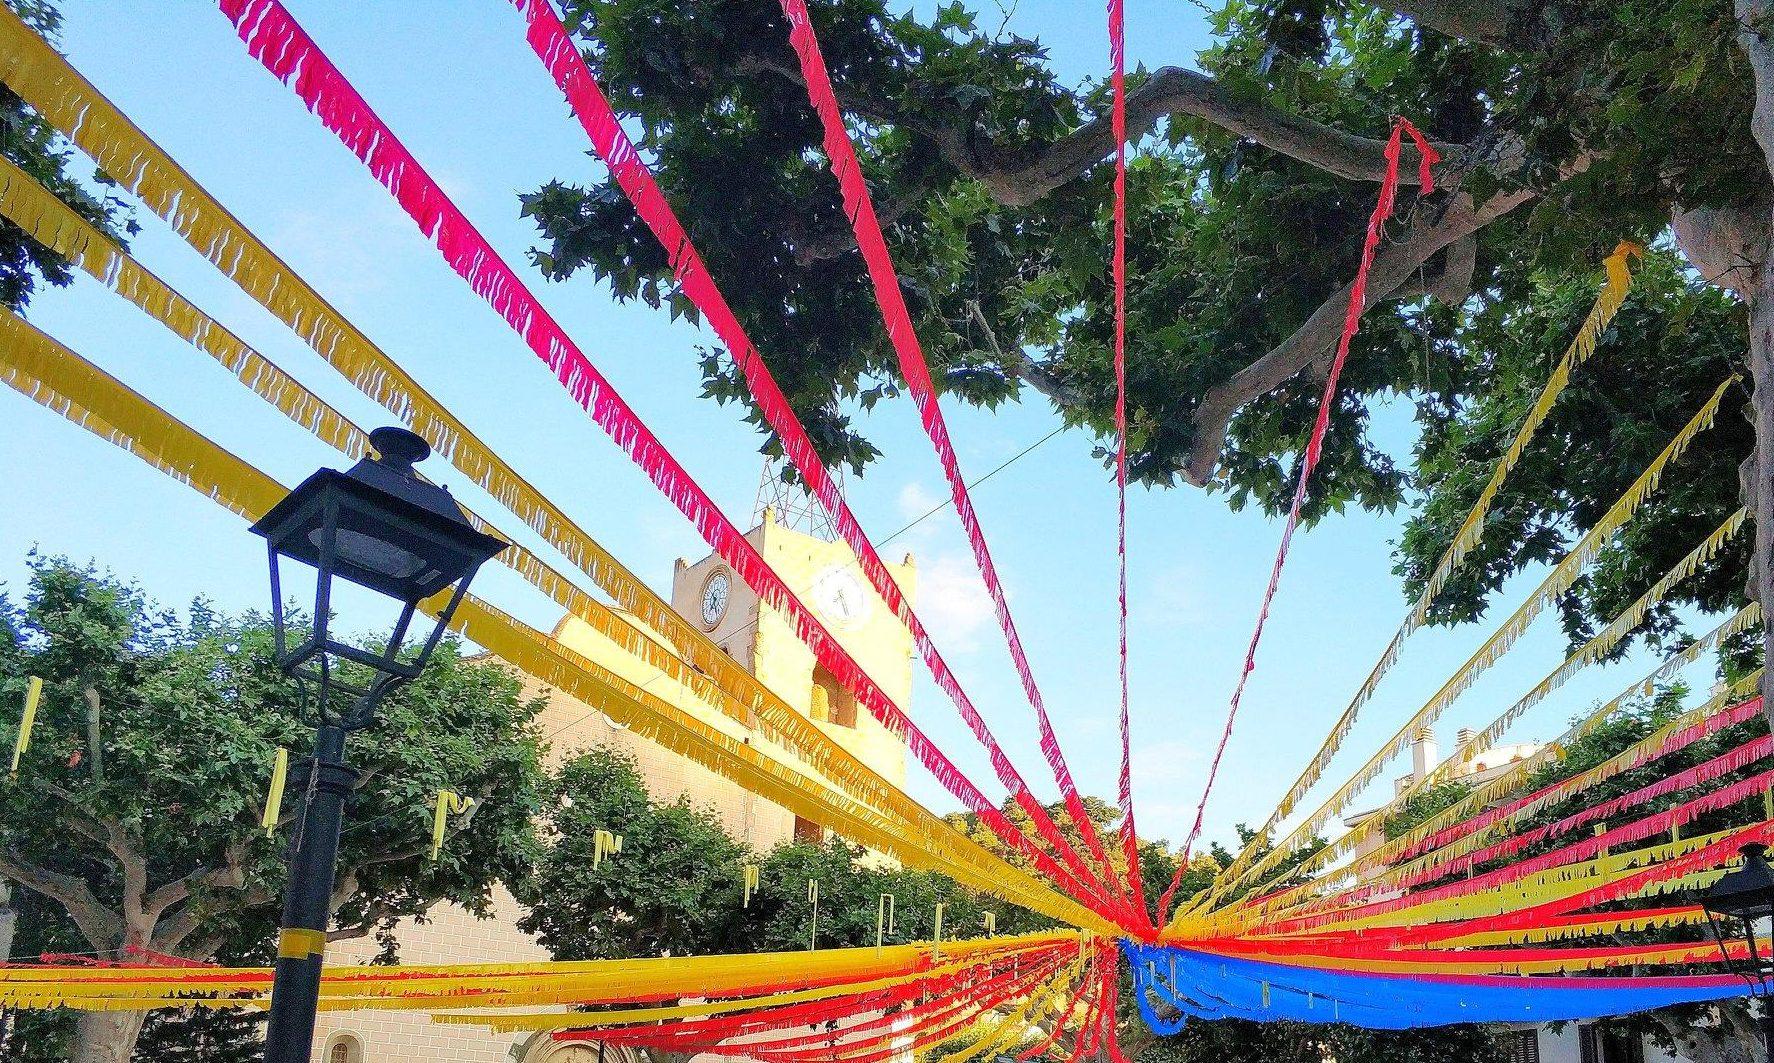 Aquest divendres comencen els actes de la Breda de la Plaça amb la Festa Quijote